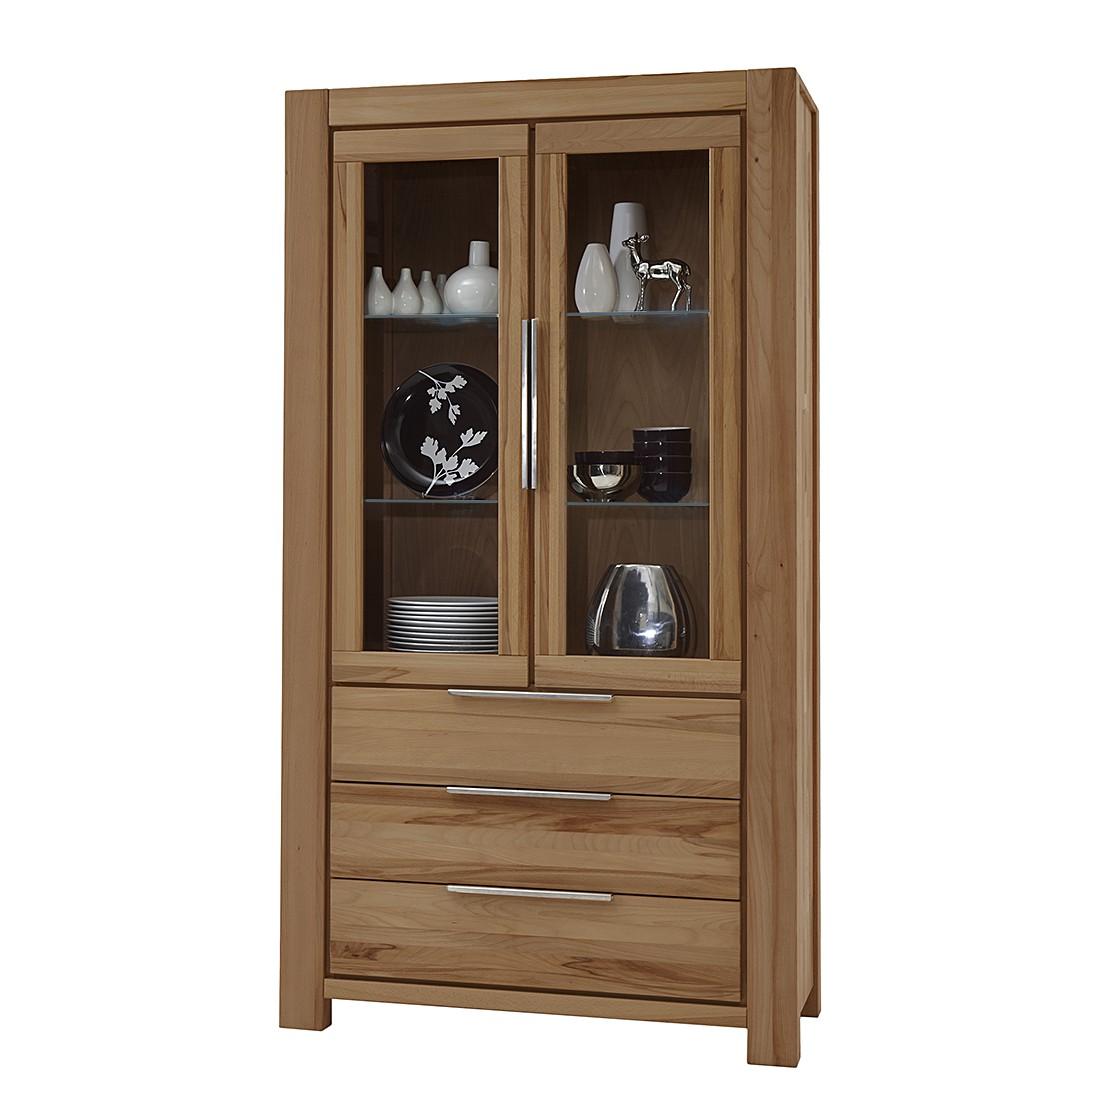 holz vitrine jung s hne preisvergleiche erfahrungsberichte und kauf bei nextag. Black Bedroom Furniture Sets. Home Design Ideas